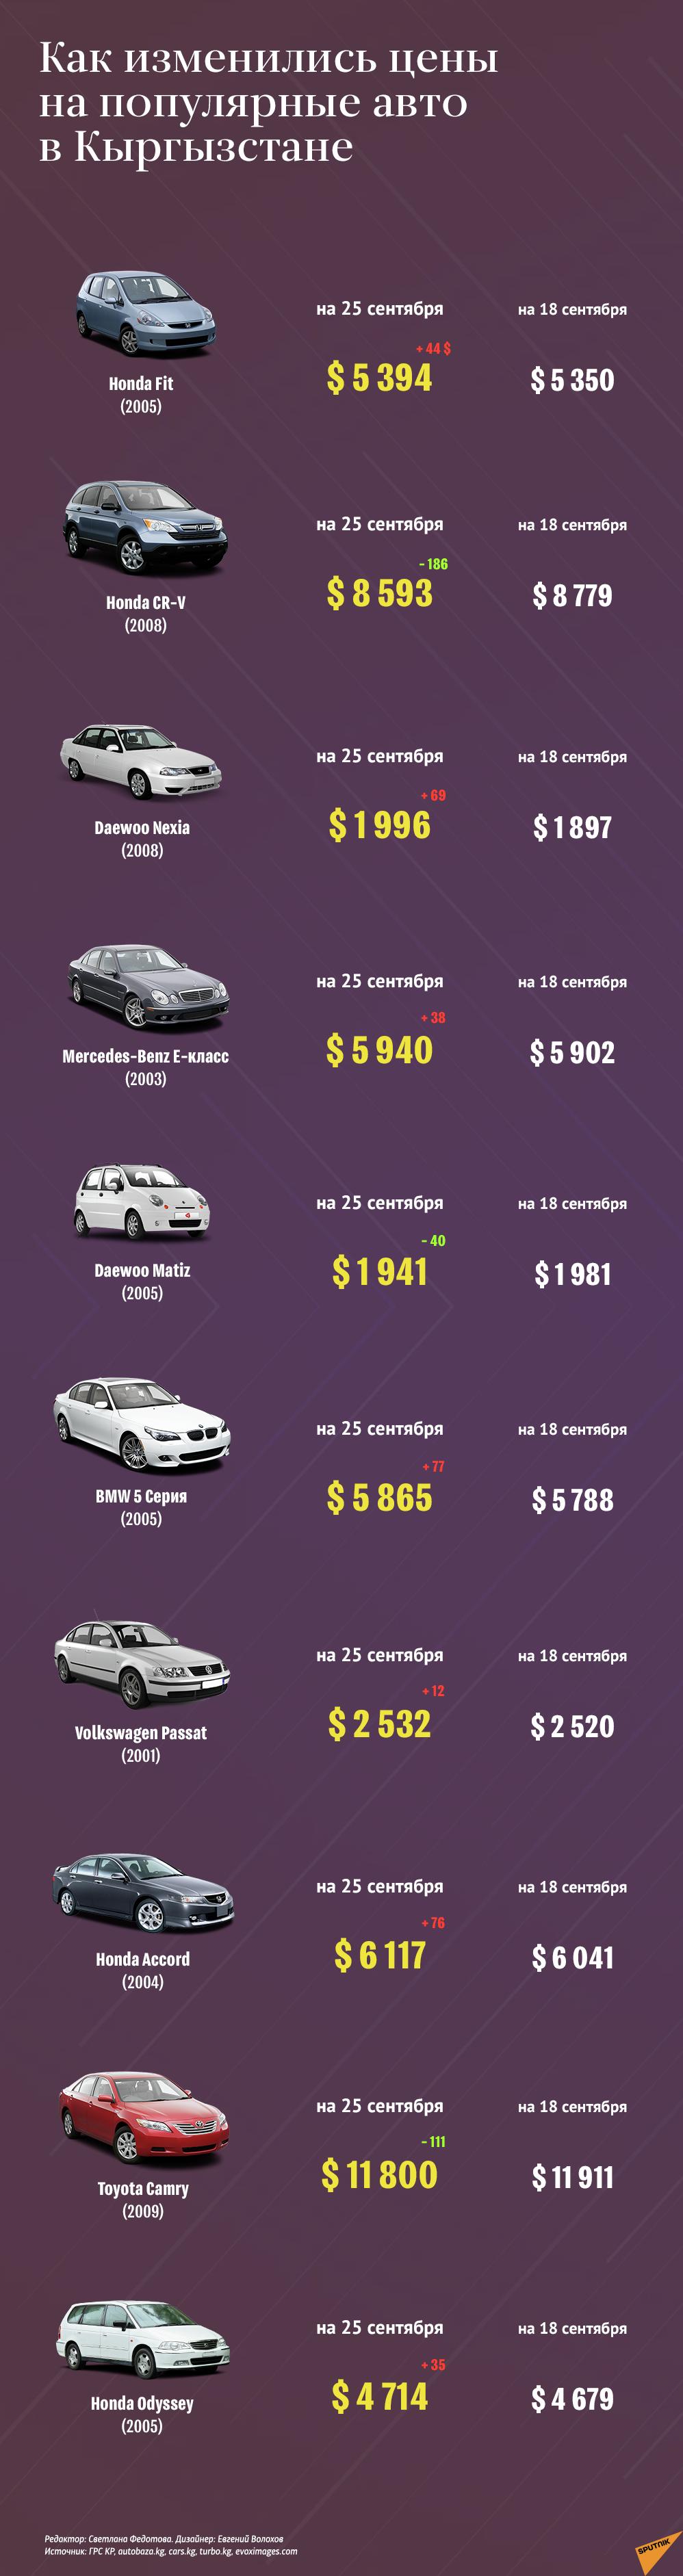 Sputnik Кыргызстан проанализировал цены на самые популярные машины на вторичном рынке. Мы узнали, как изменилась стоимость десяти наиболее востребованных автомобилей в стране за неделю.